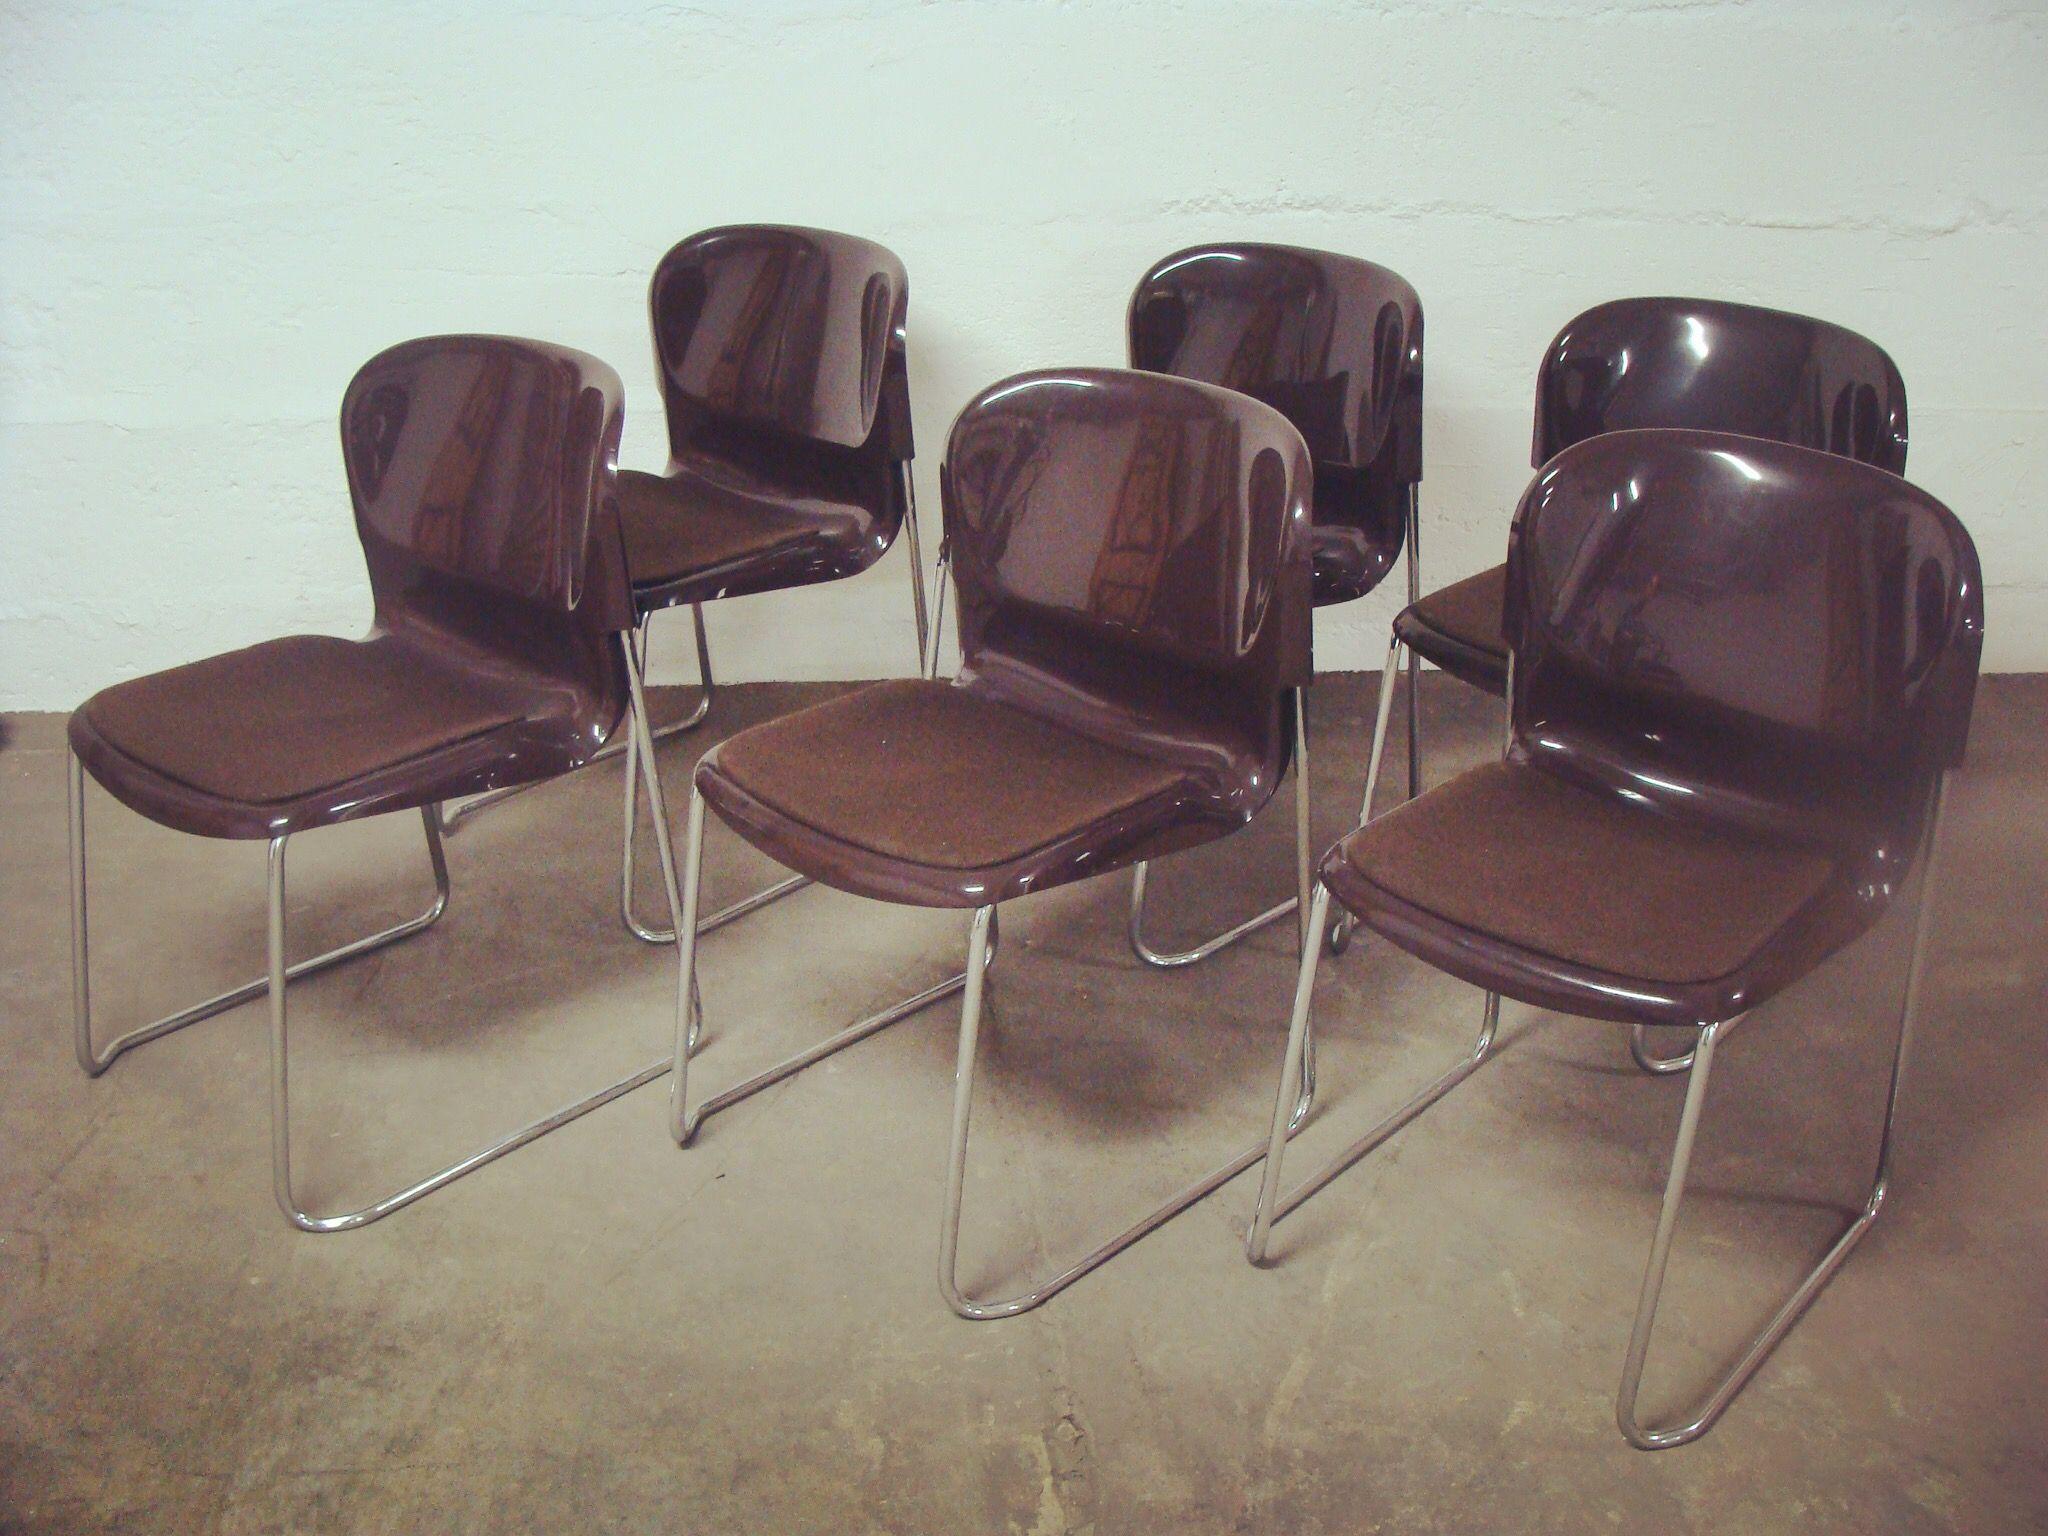 Einfach, Robust und Klassisch sind diese Drabert Stühle. Drabert ...